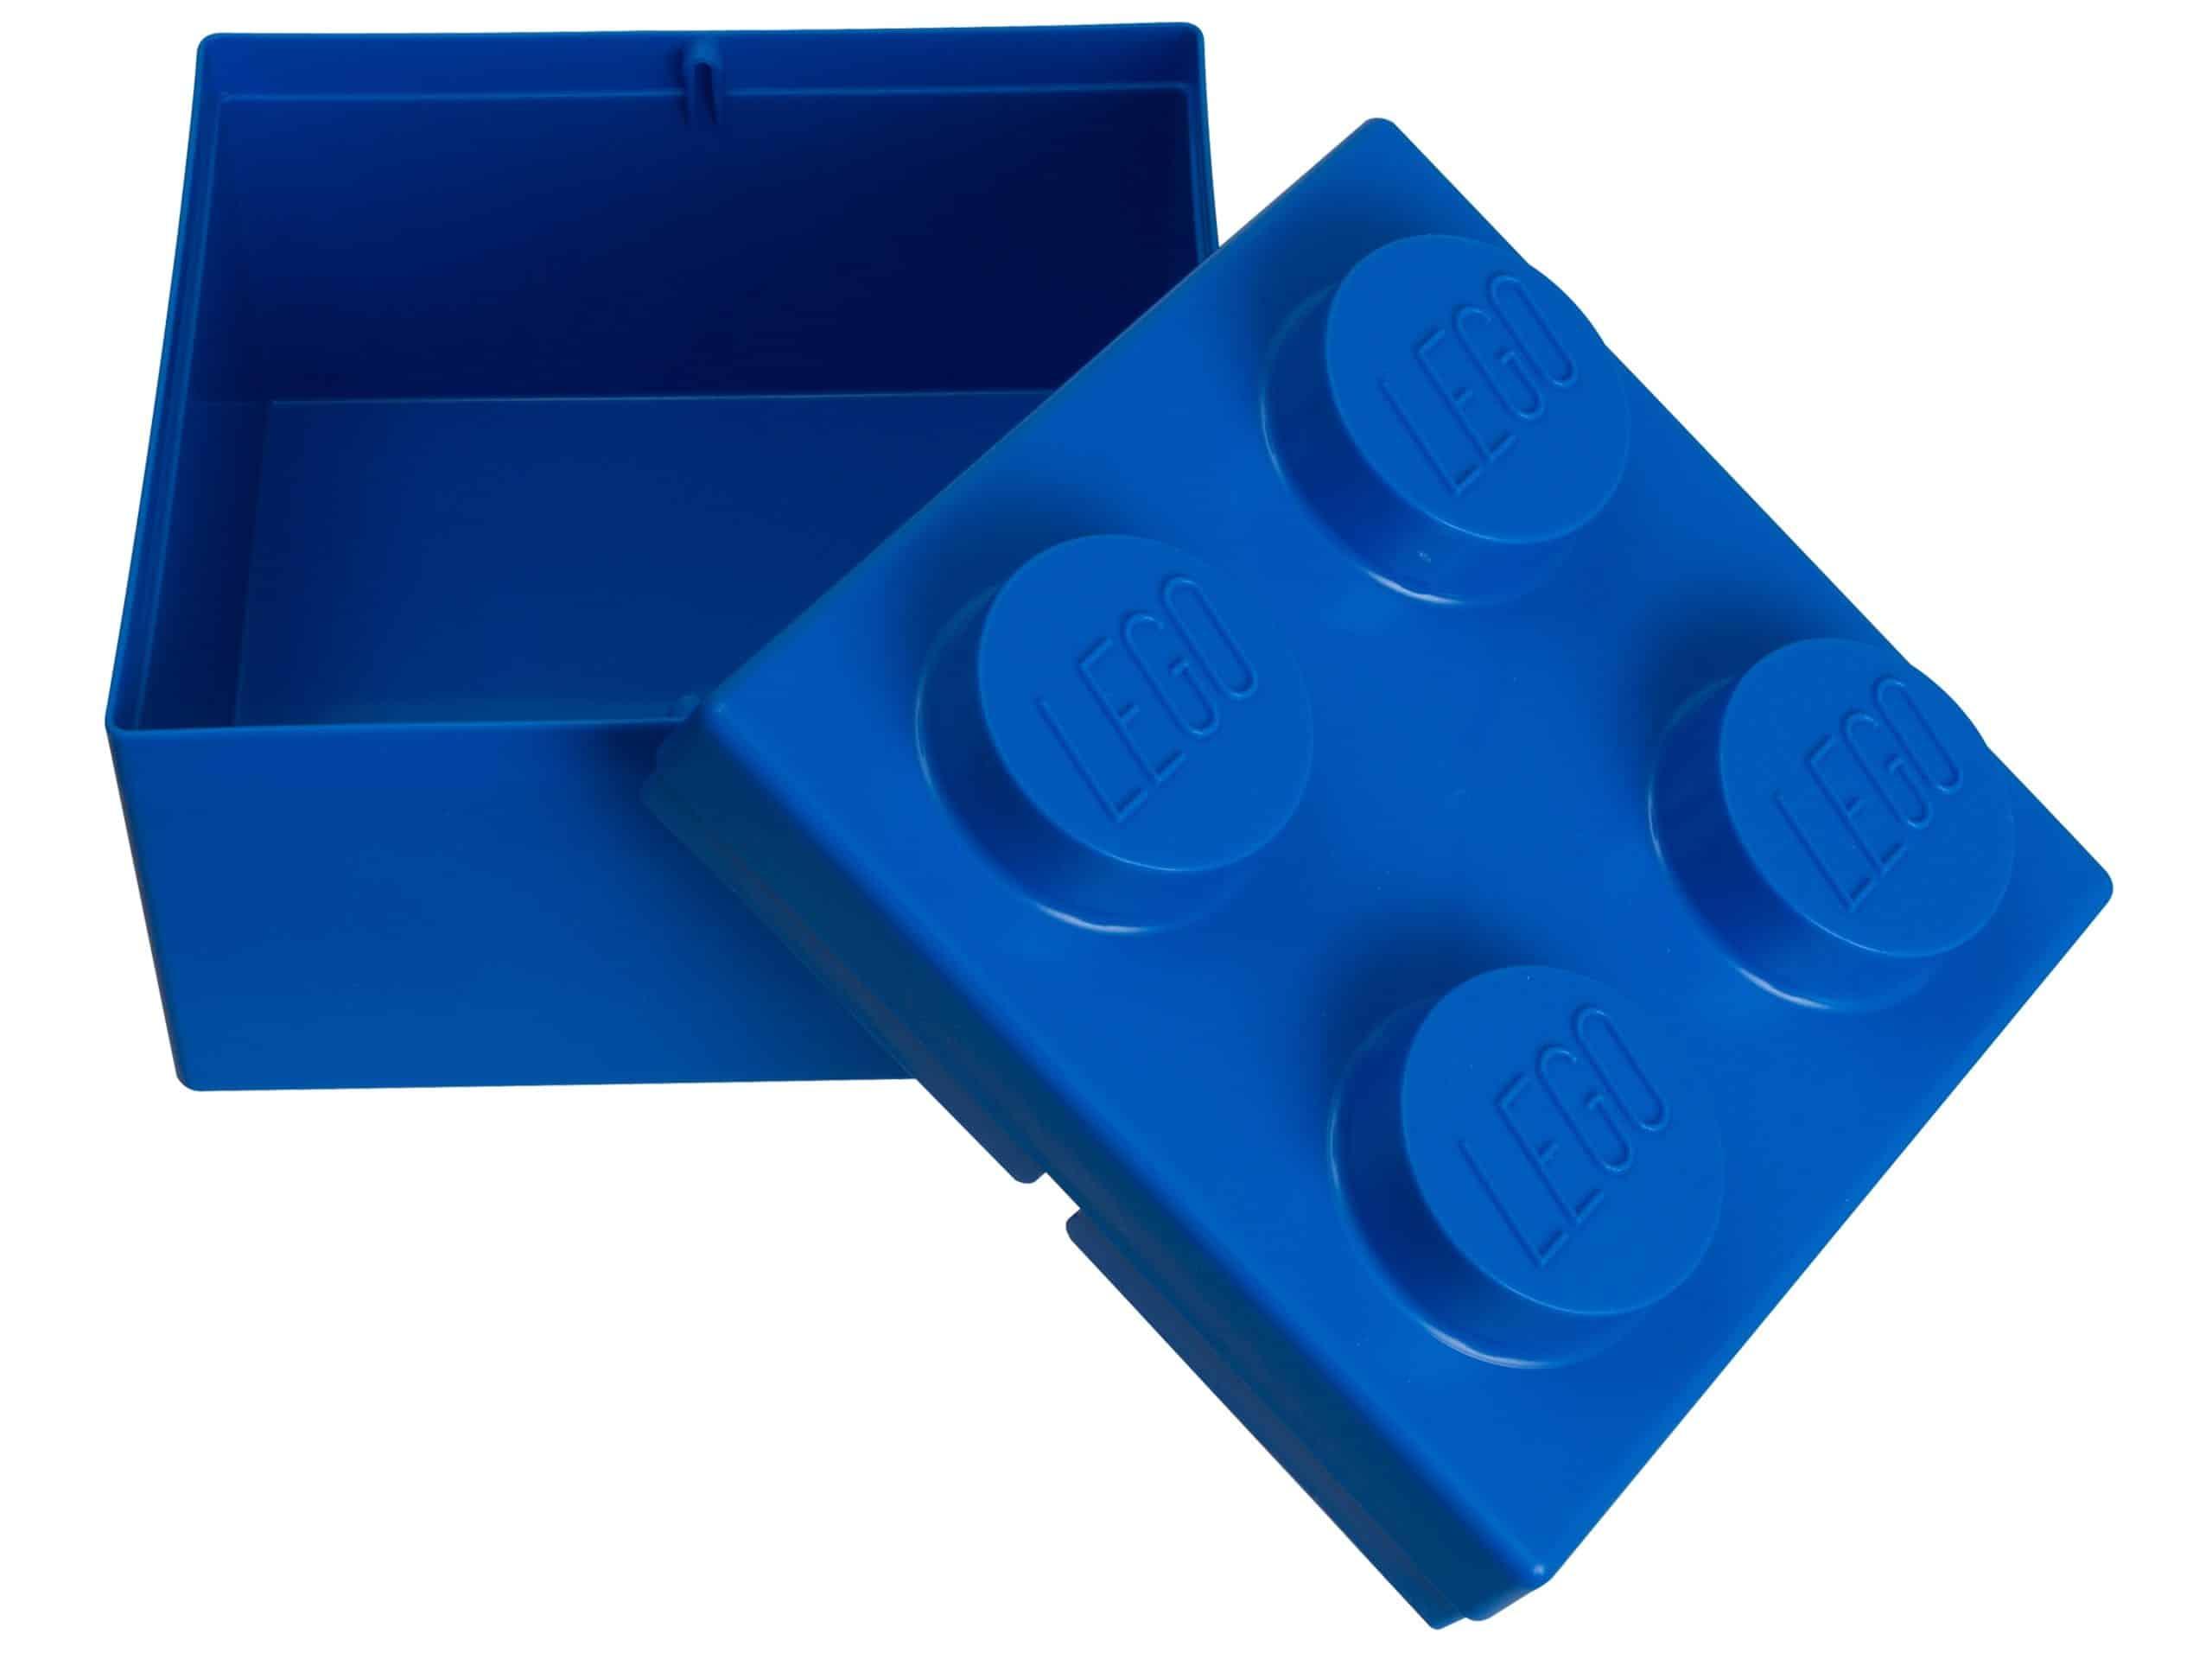 bla 2x2 lego 853235 box scaled